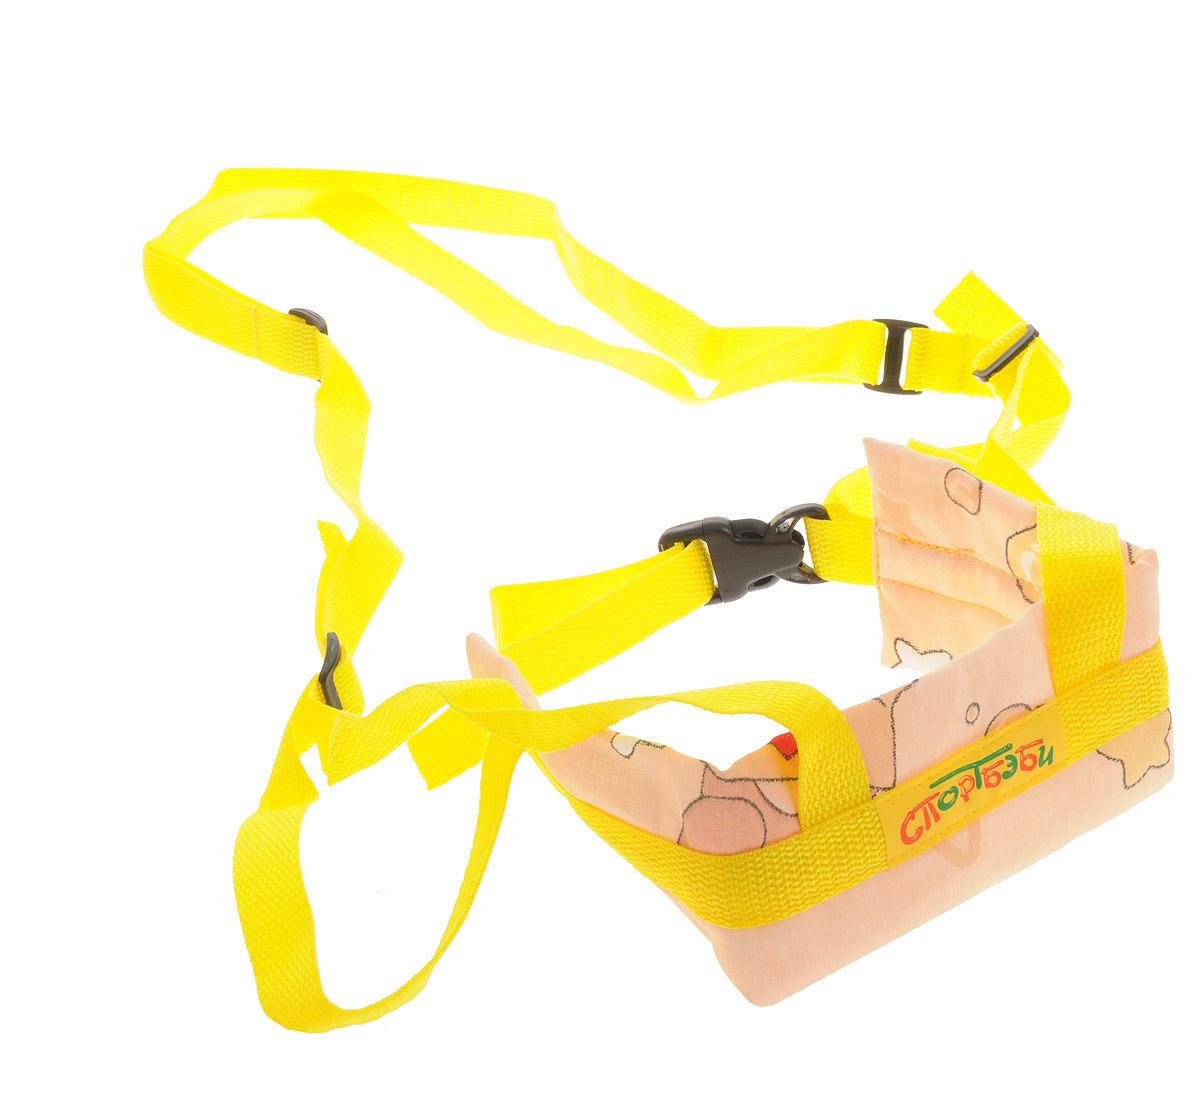 Спортбэби Вожжи детские Первые шаги цвет персиковый